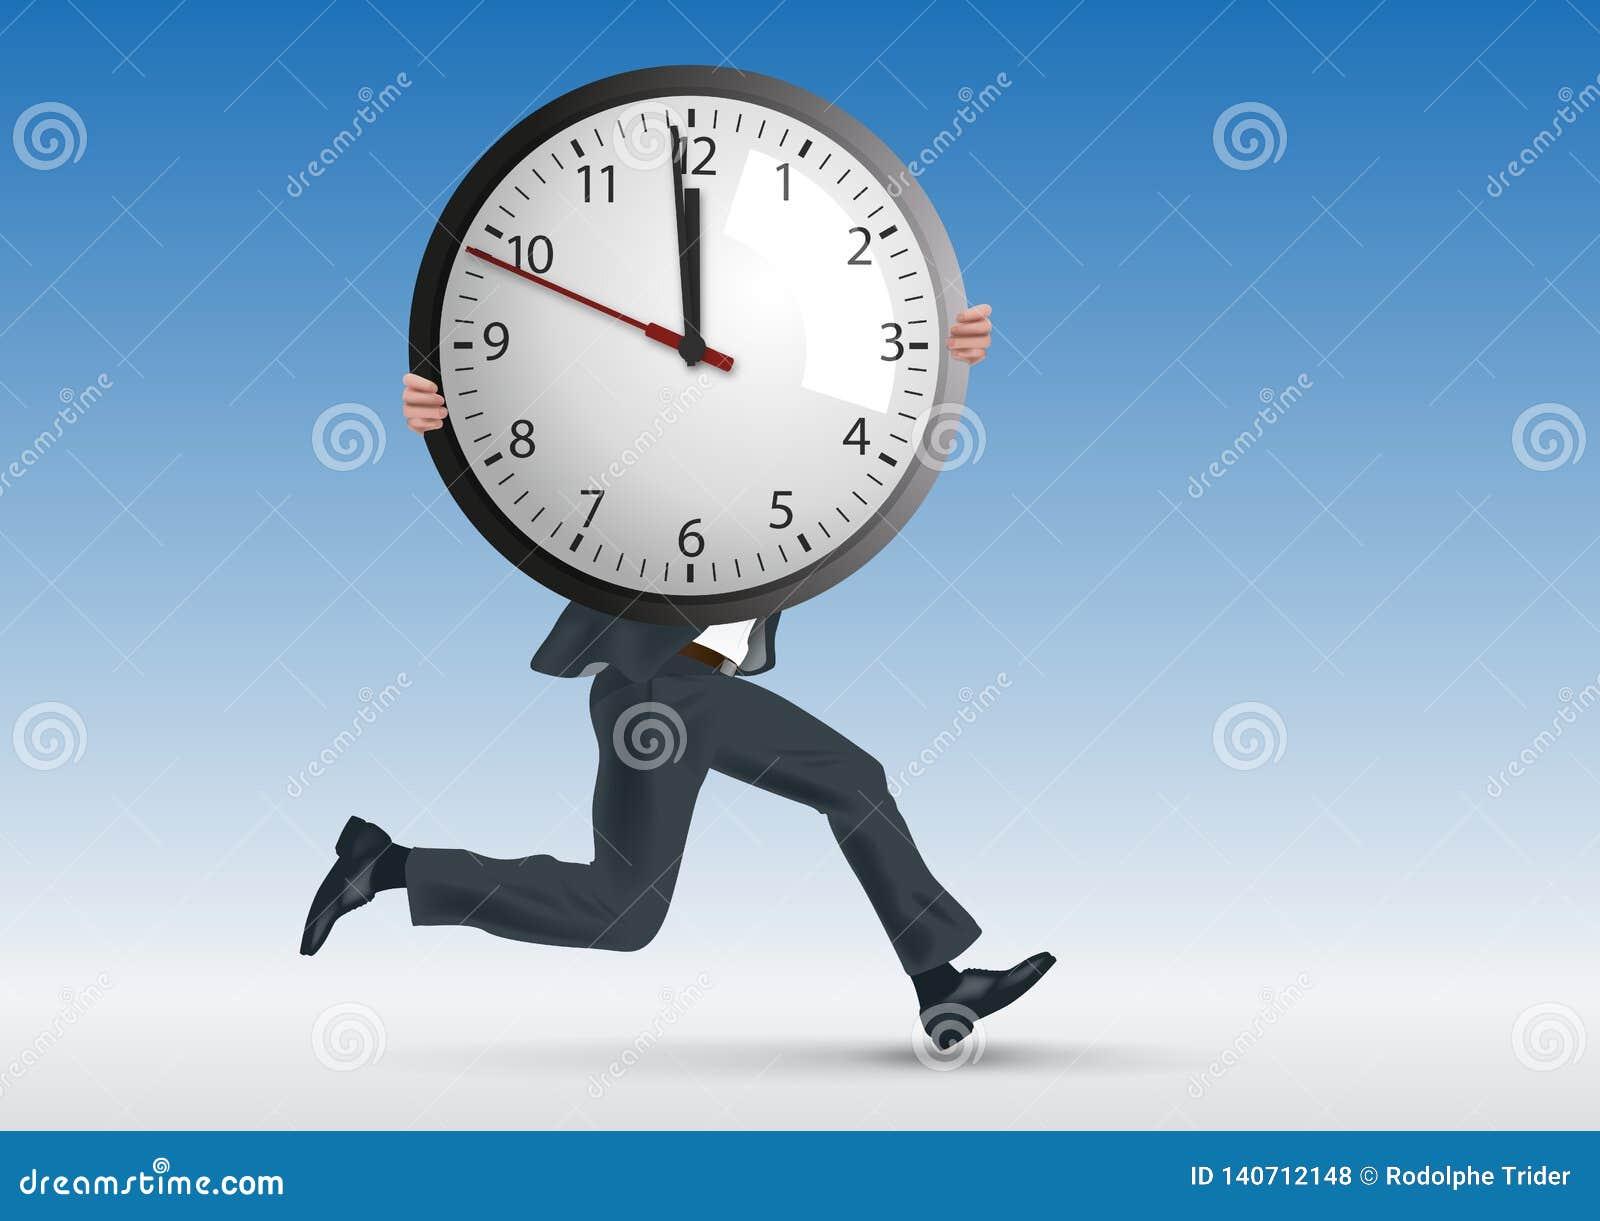 重音的概念在,与人赛跑一起使用,当象征性地运载时钟时